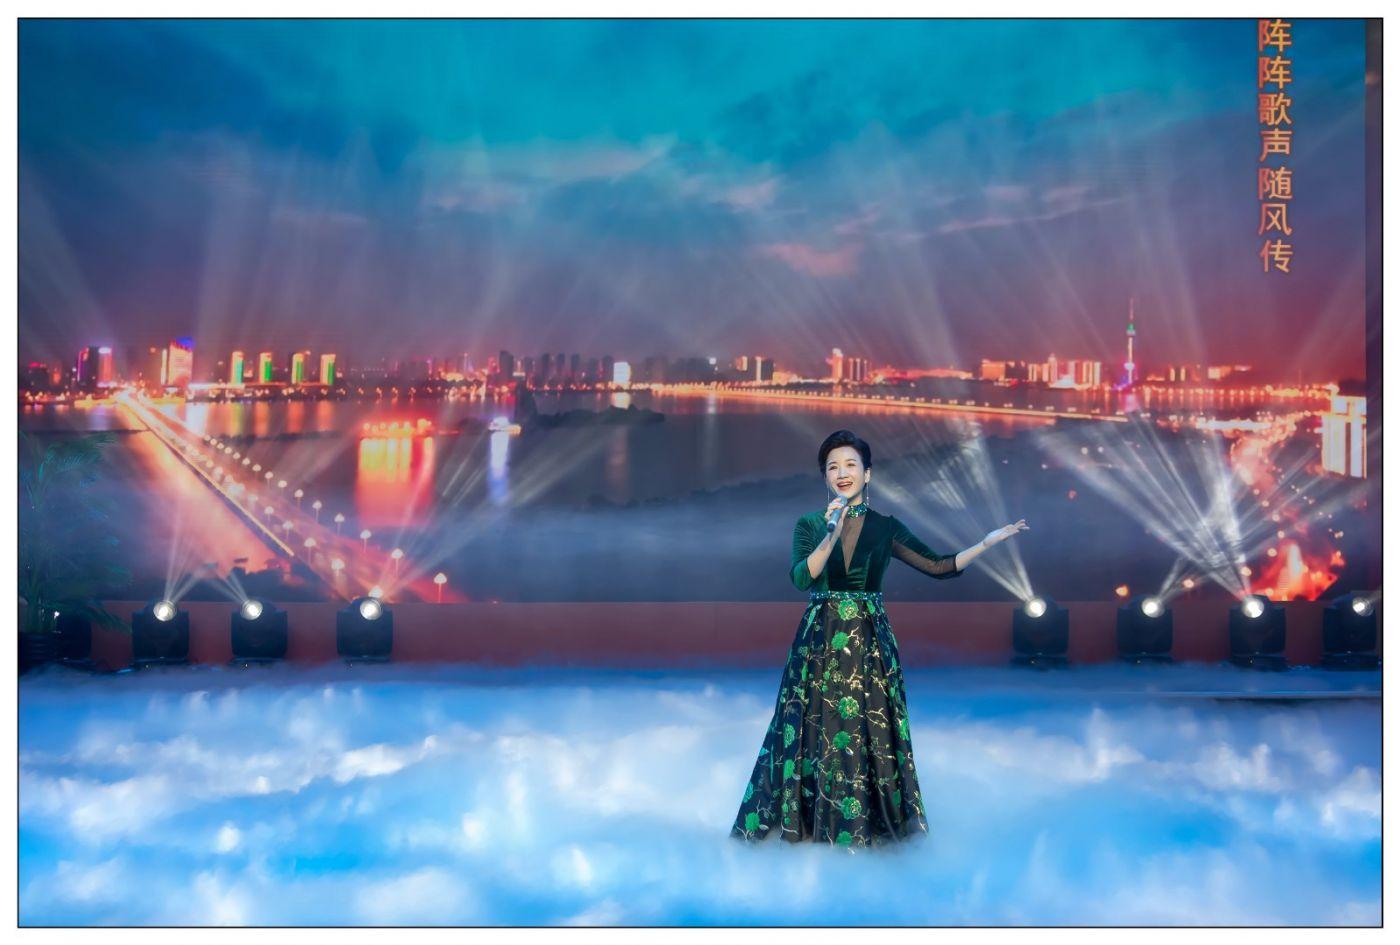 又见星光大道冠军歌手张海军 1月26央视播出 将自己唱哭的歌手 ..._图1-12